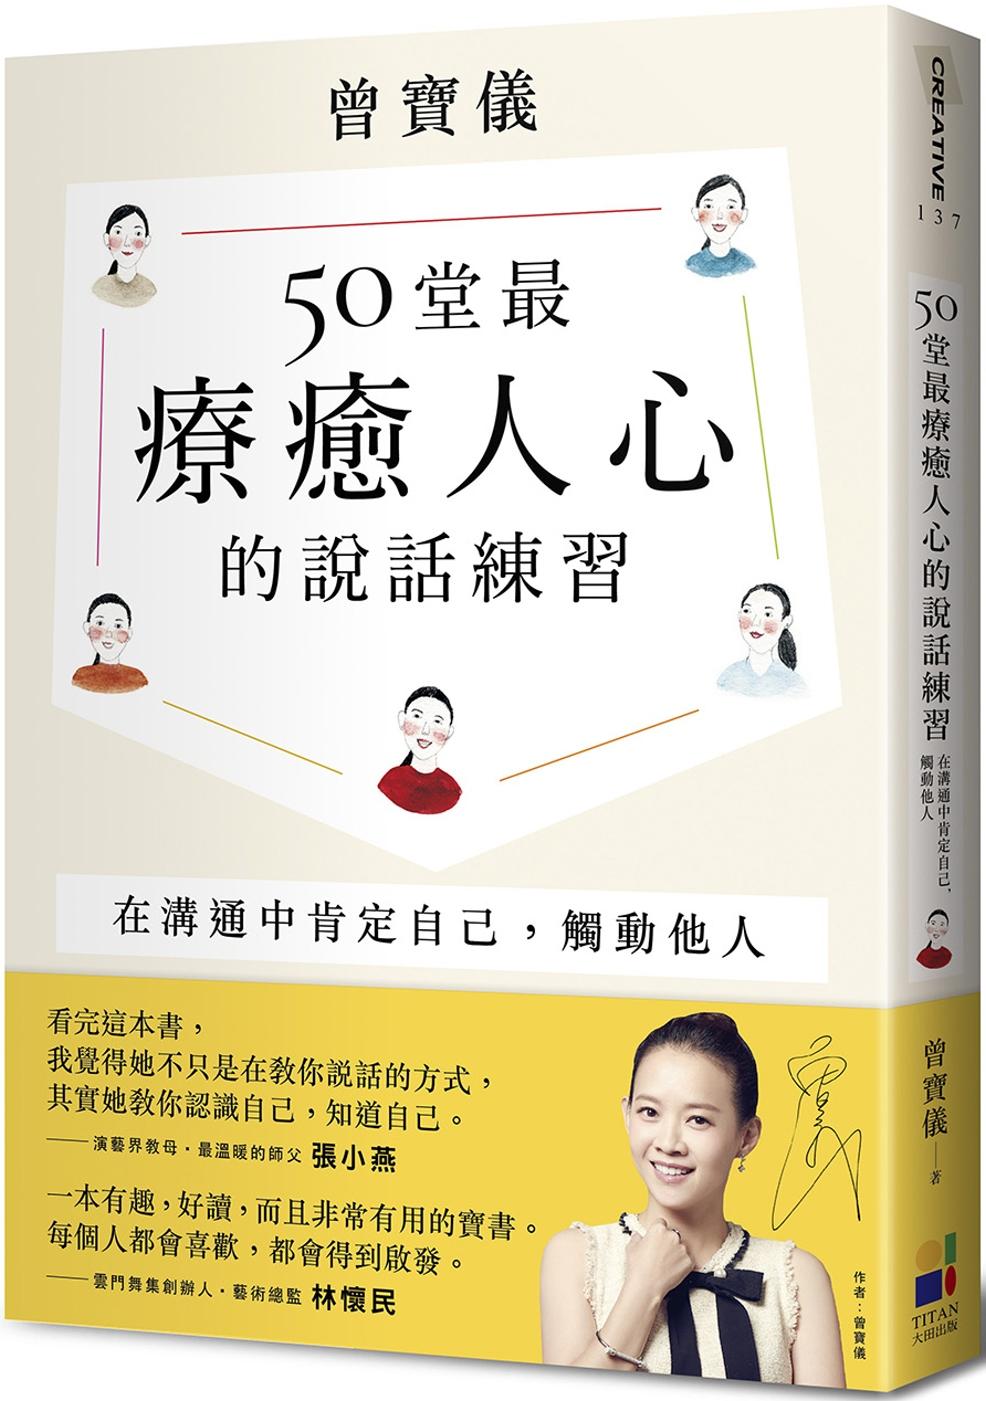 50堂最療癒人心的說話練習(簽名版):在溝通中肯定自己,觸動他人